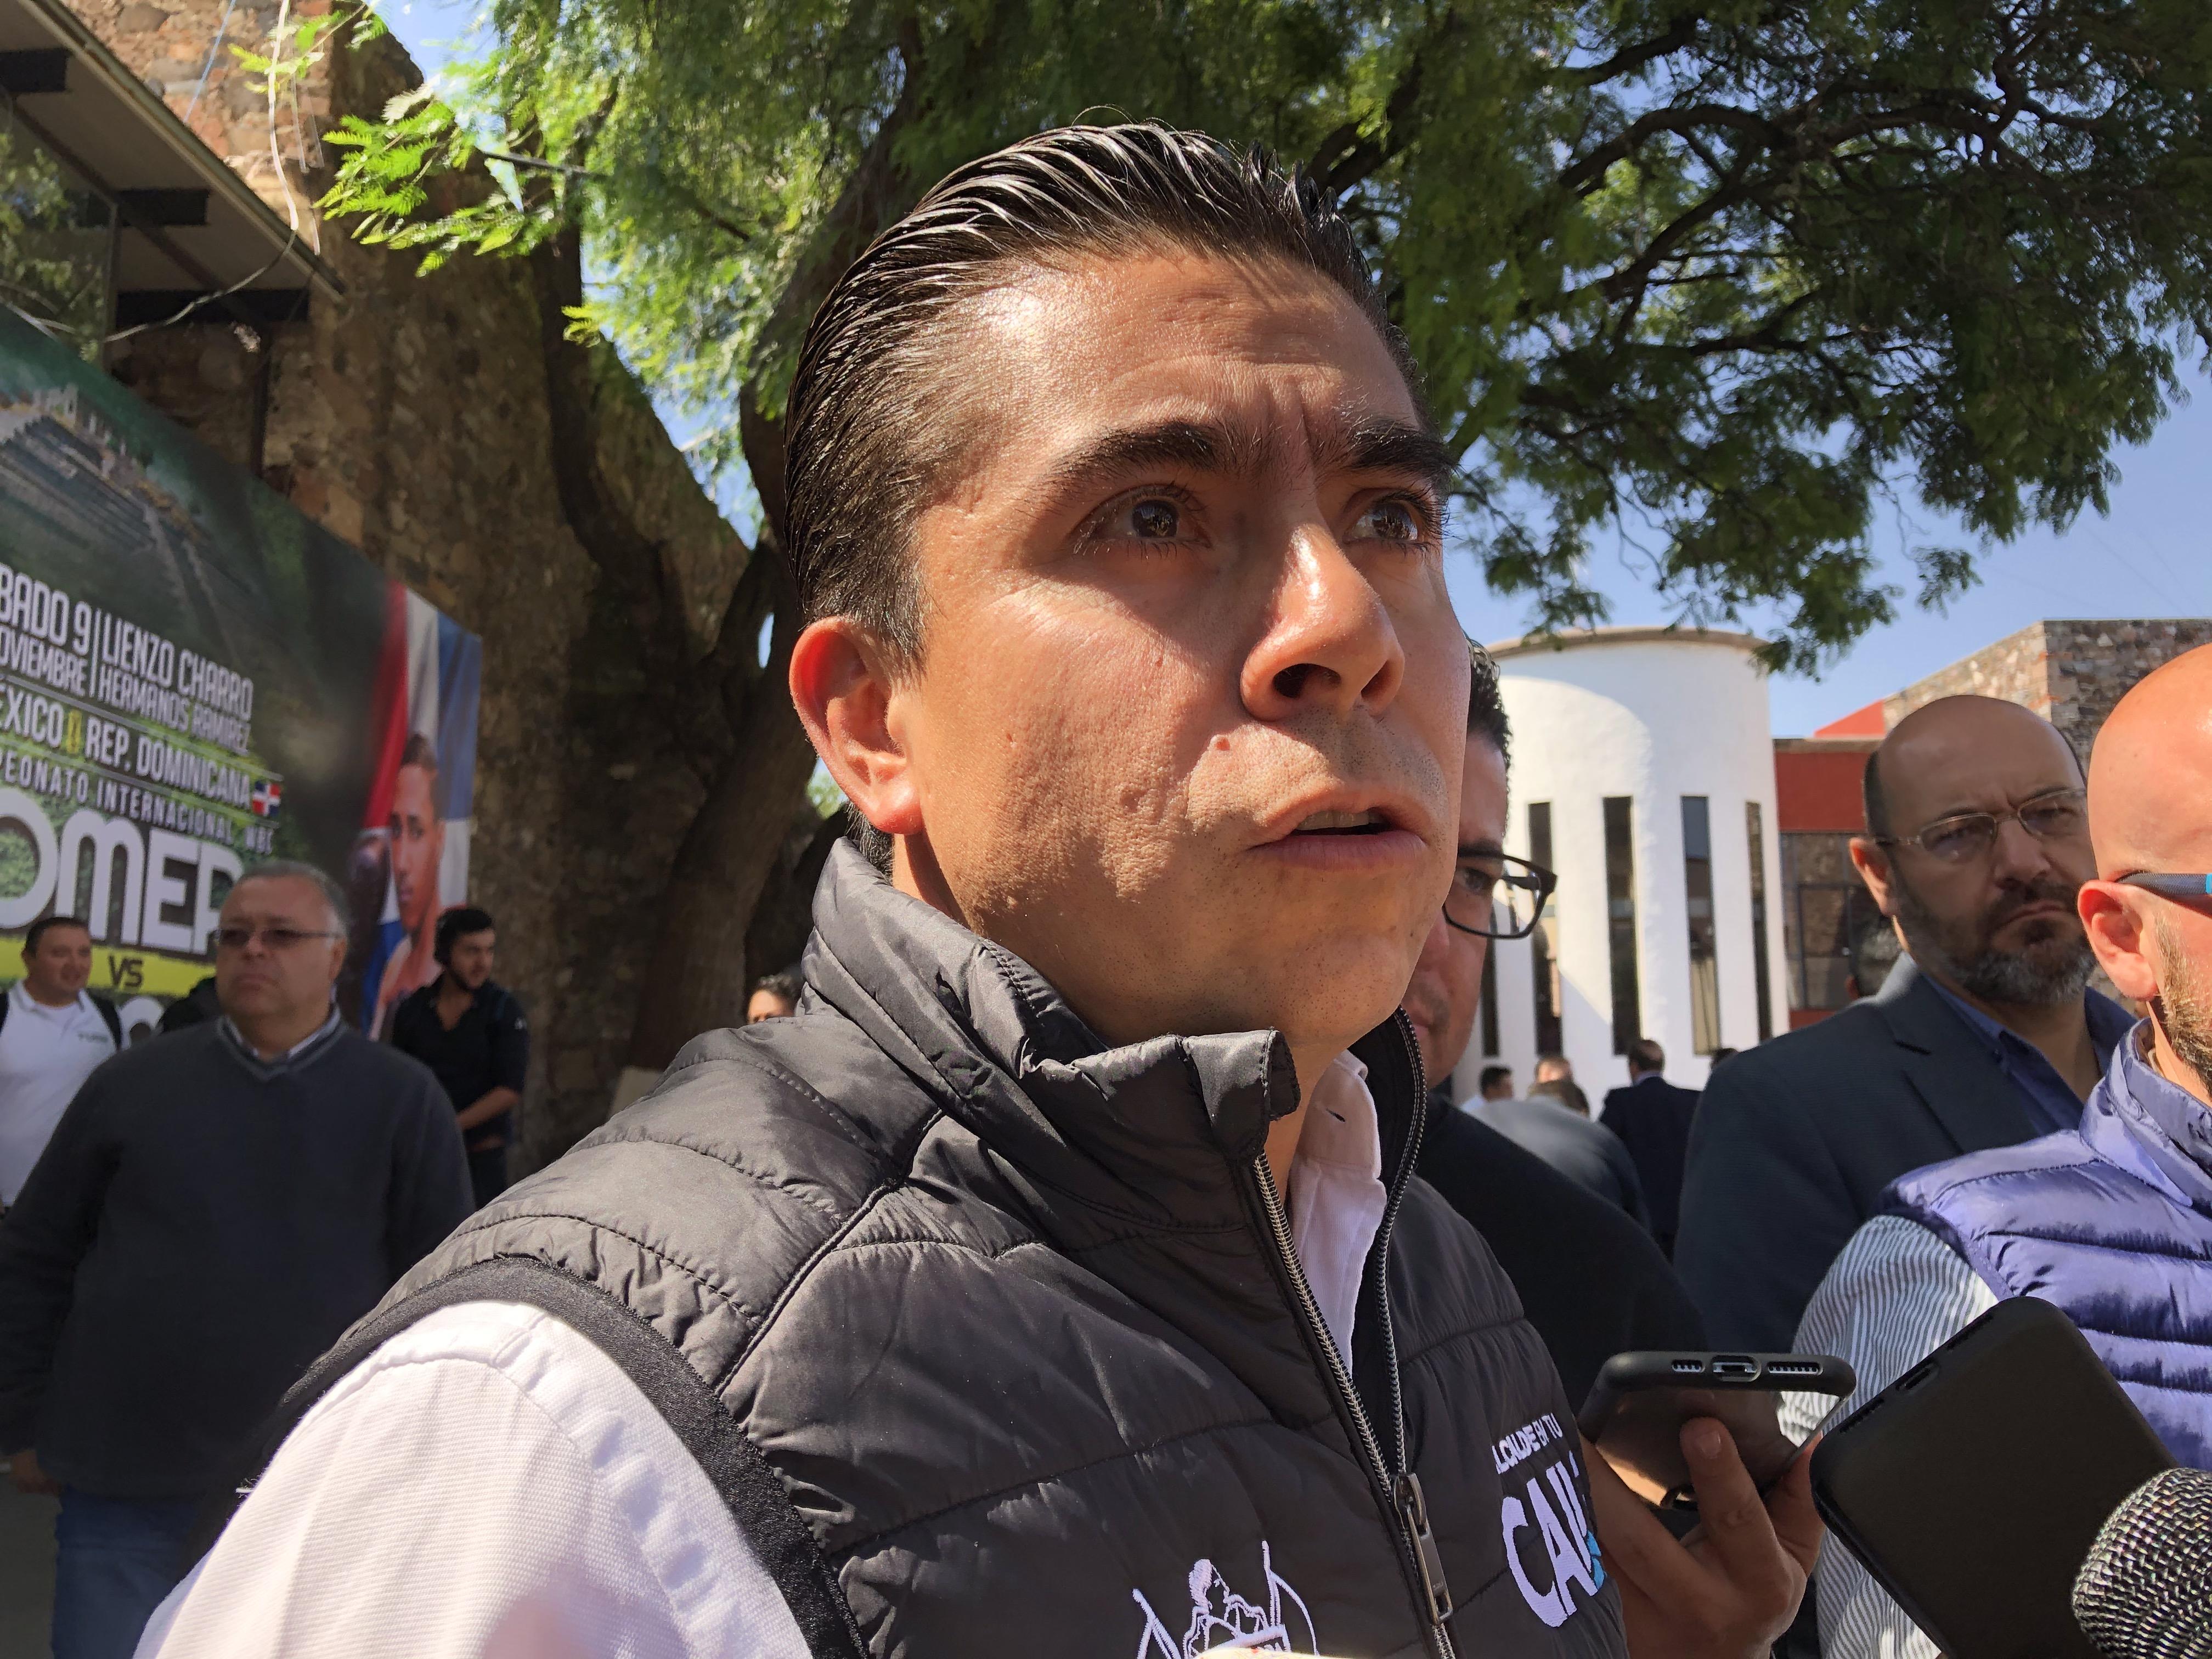 Confirma Roberto Sosa próxima operación de tranvía turístico en Corregidora